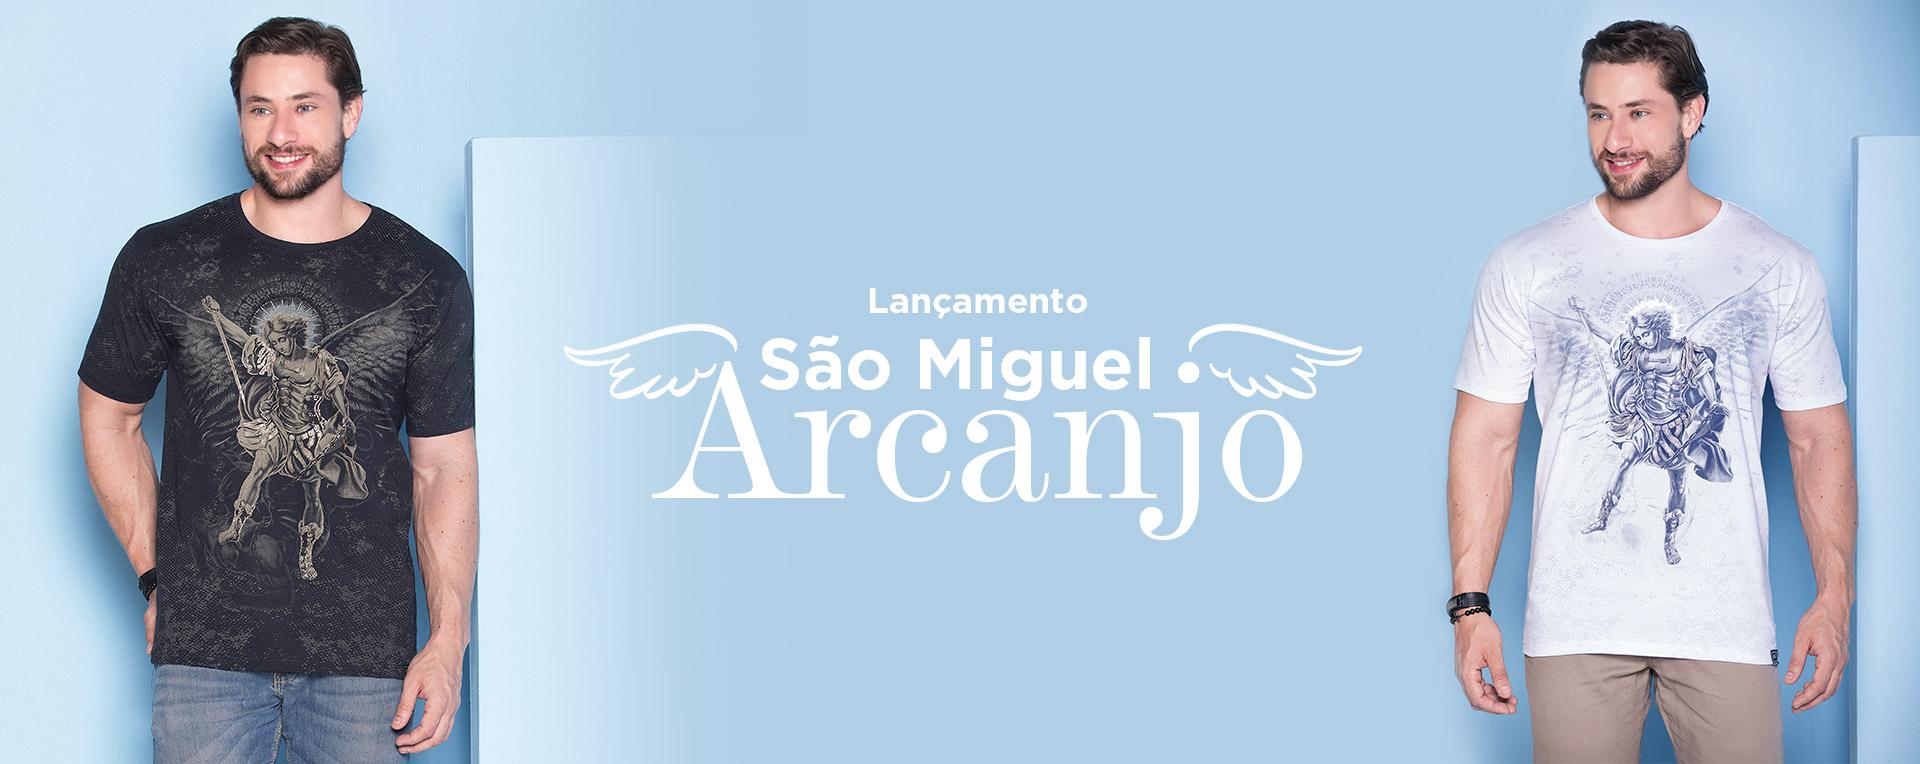 Lançamento São Miguel